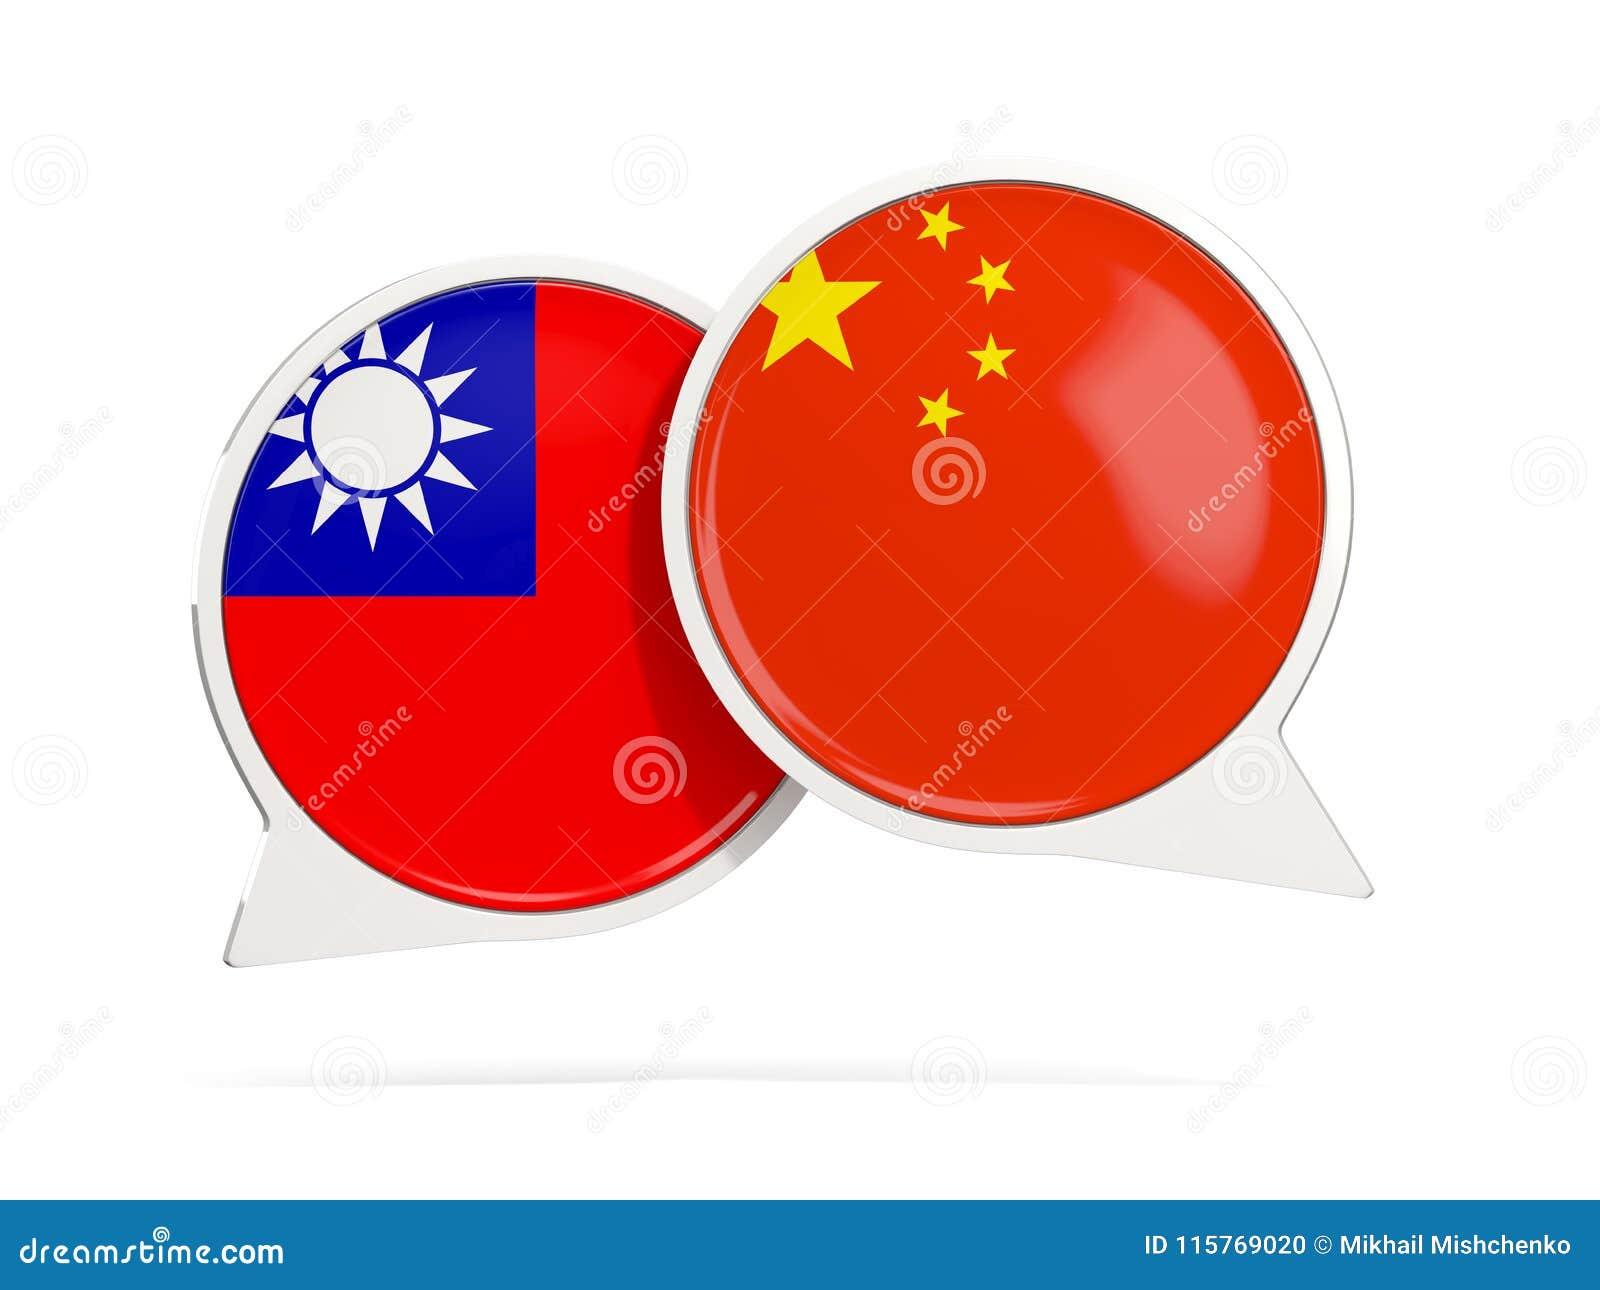 Taiwan chat